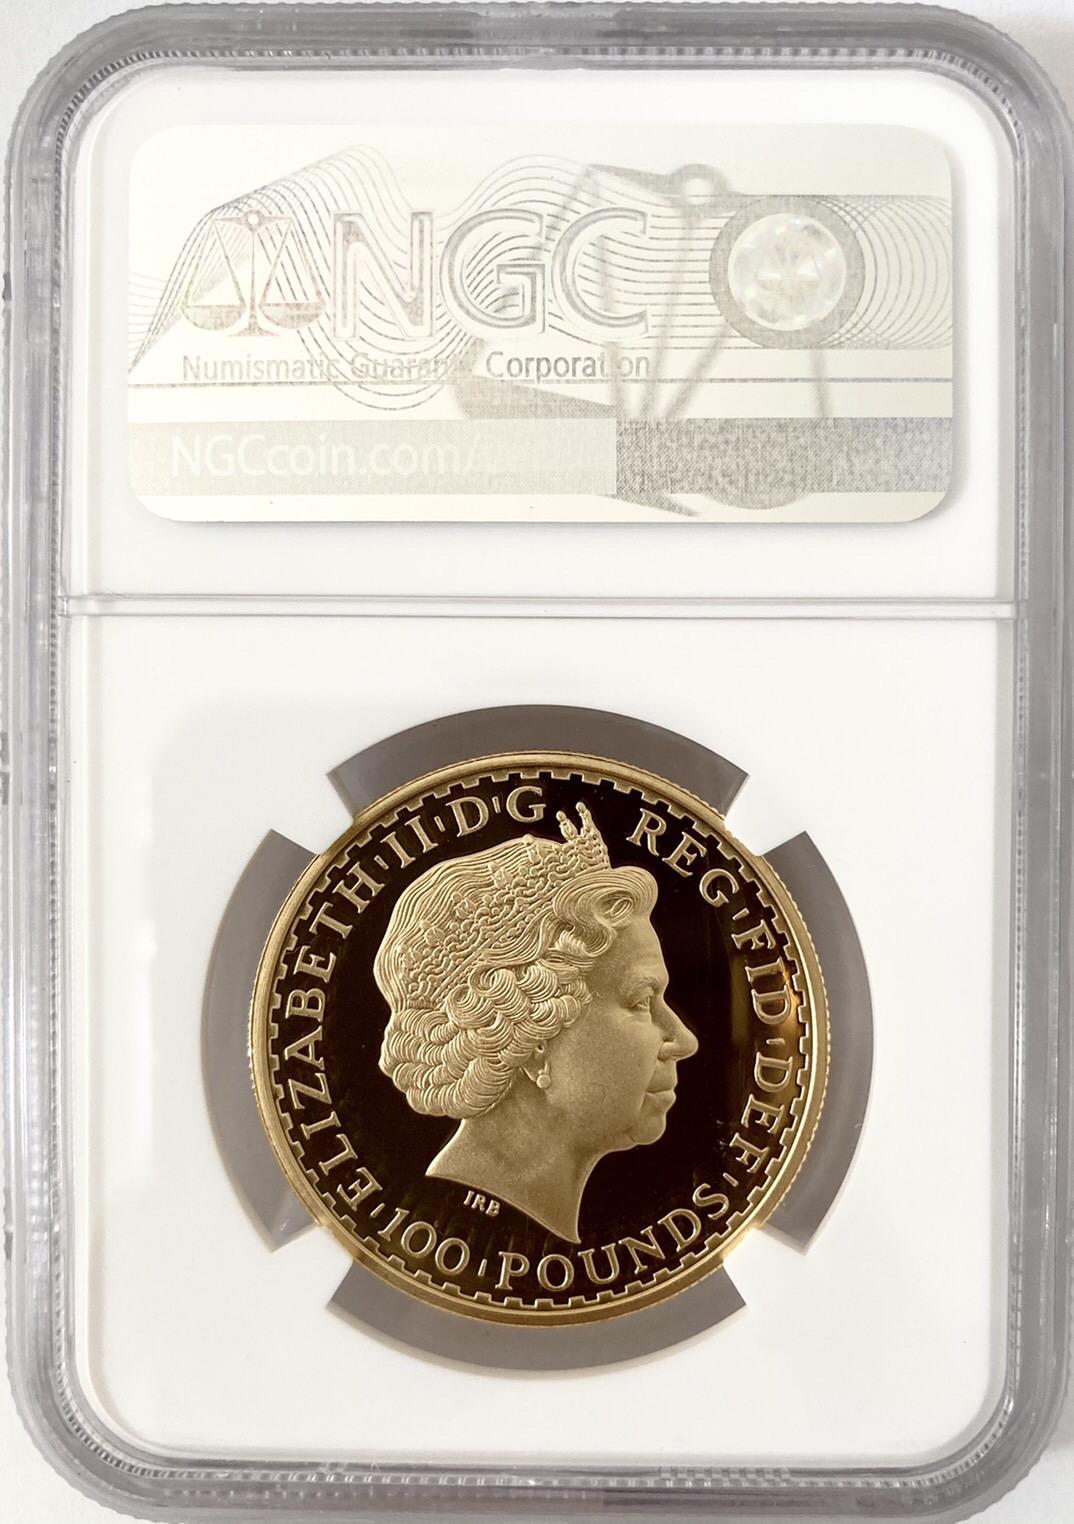 【セール品】グレートブリテン2008年スタンディングブリタニア100ポンド金貨NGC-PF70UCAM6027893-080